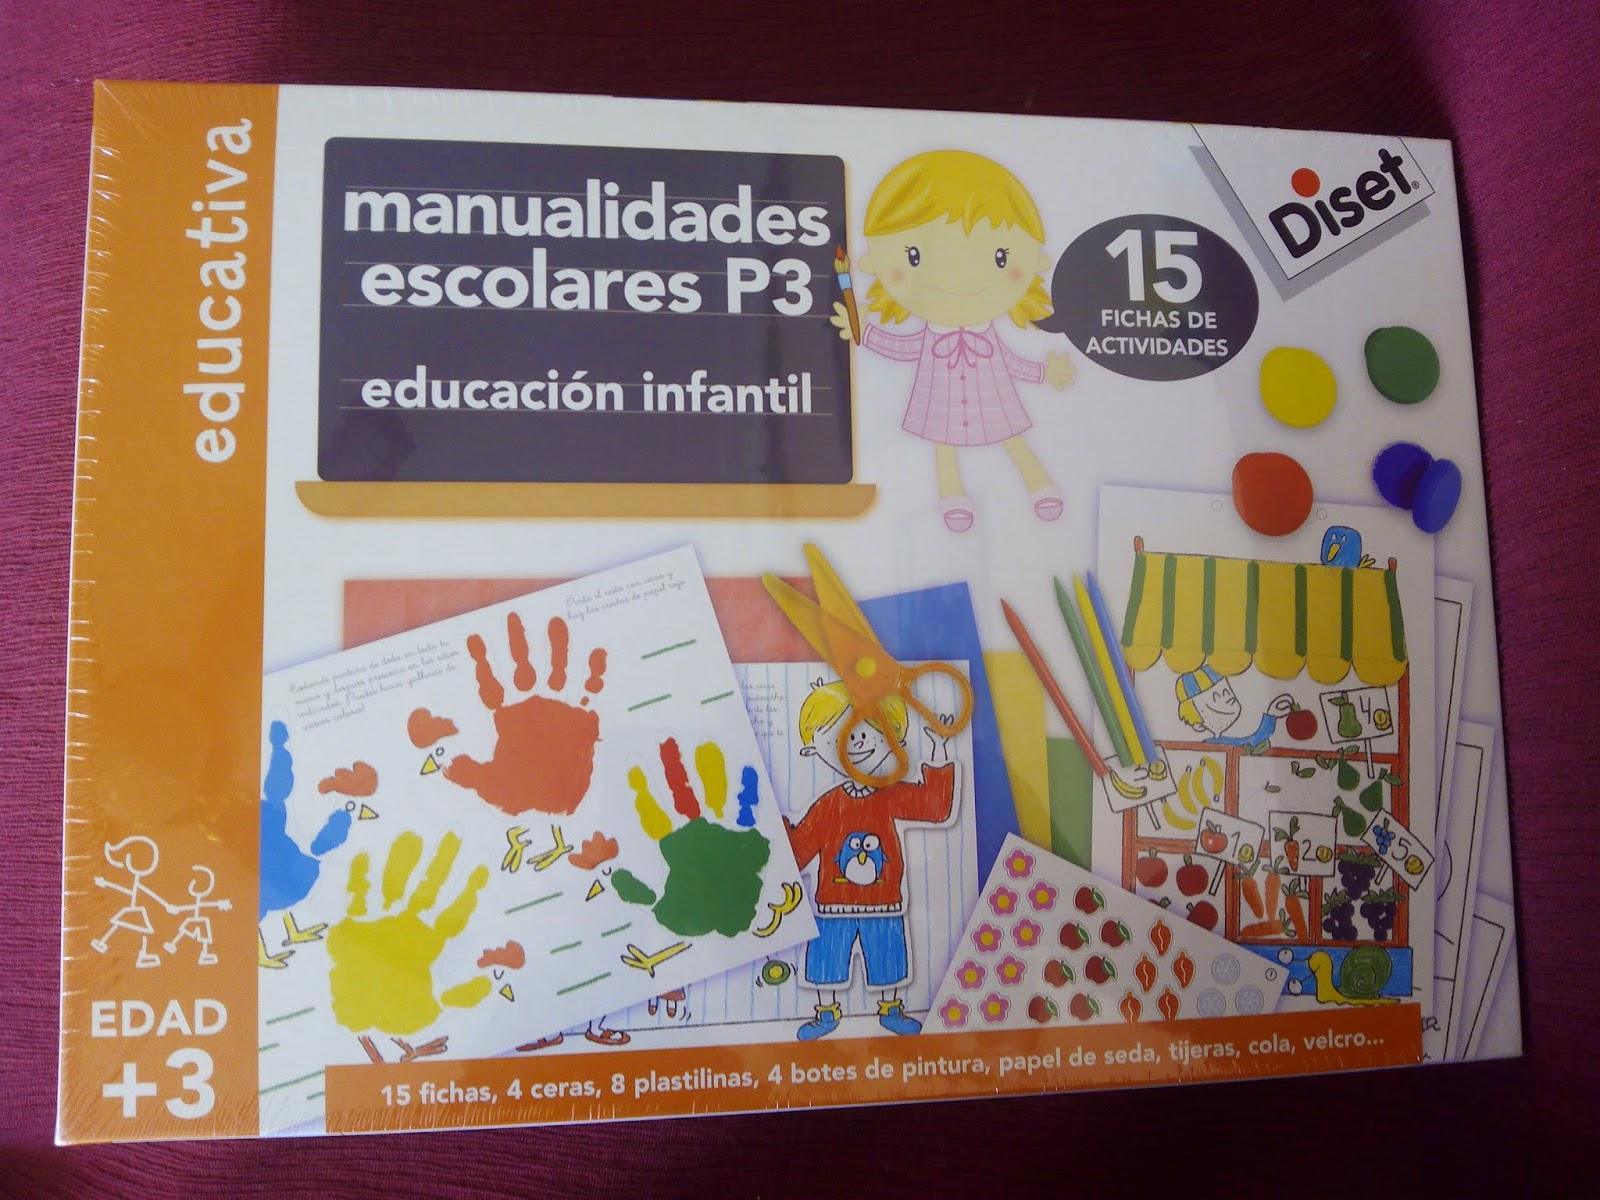 juego didactico marca Diset de manualidades escolares